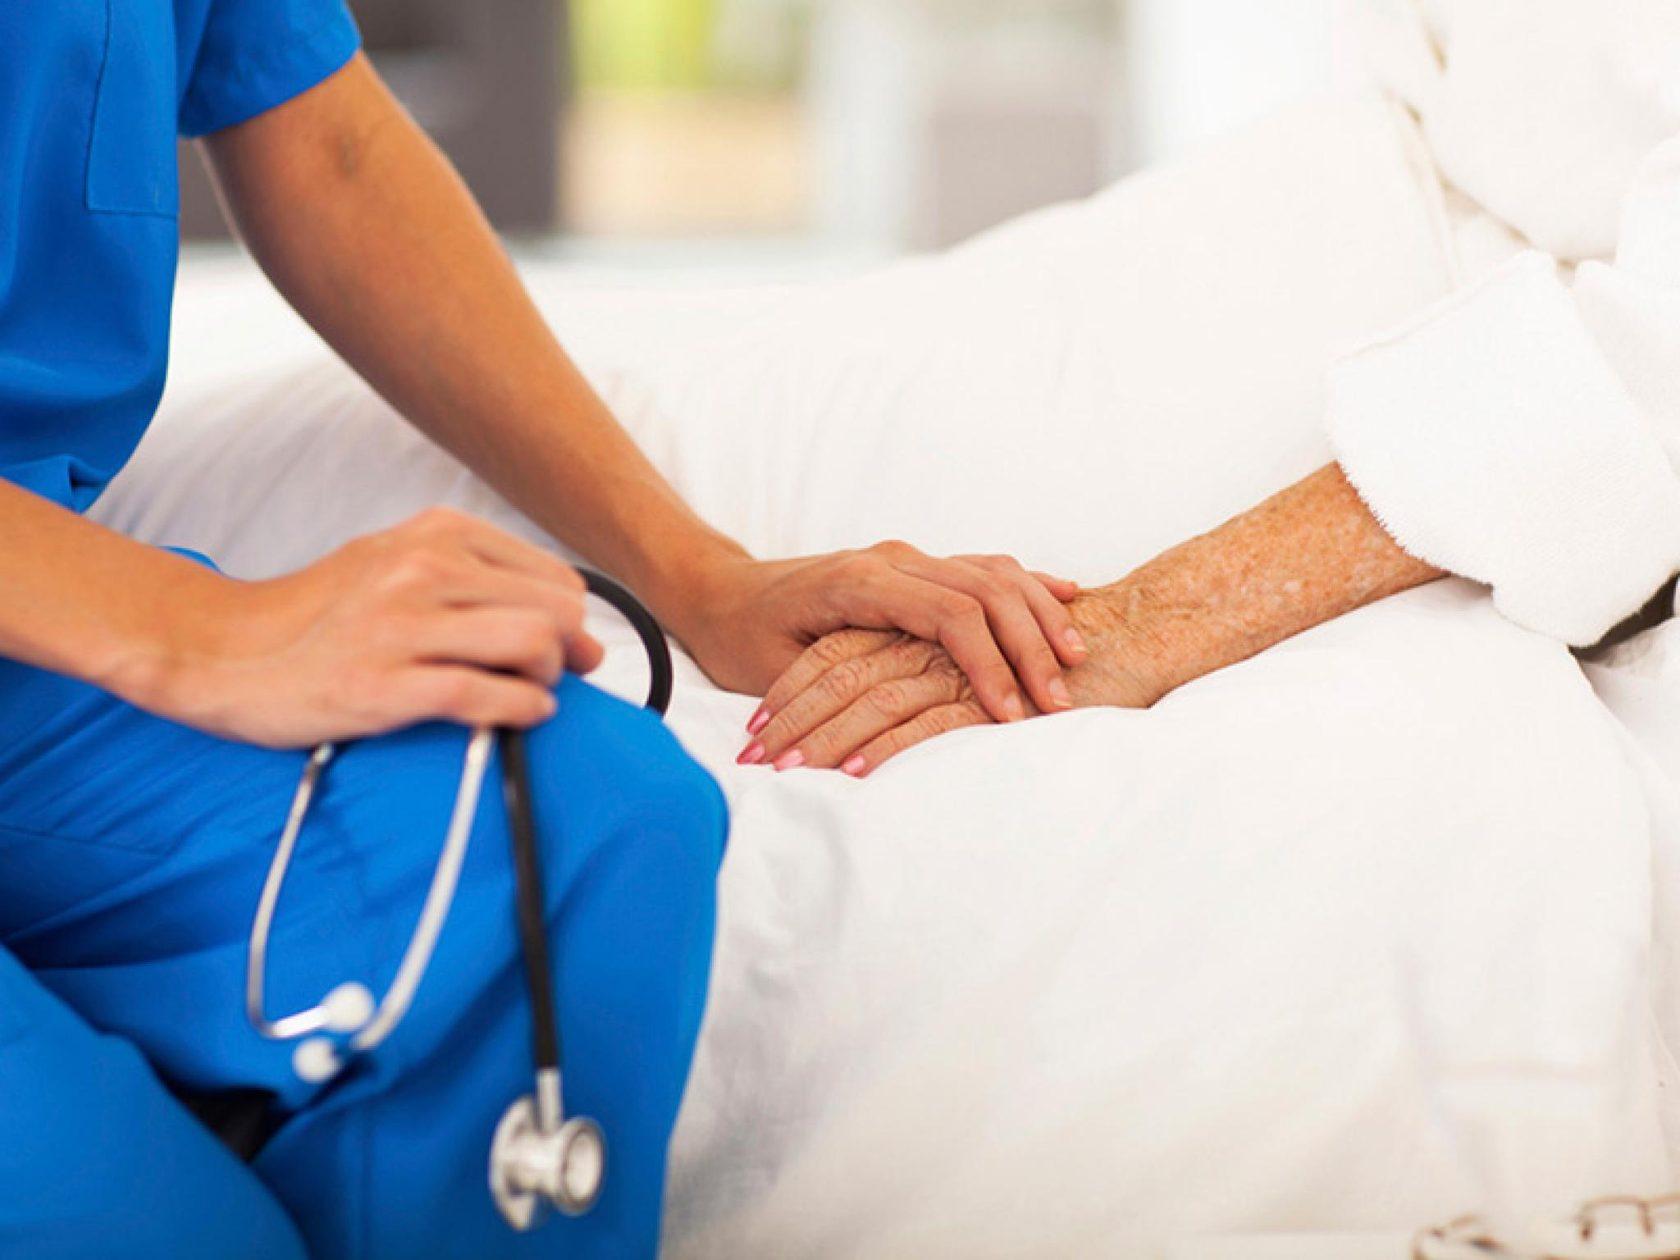 новости медицины, изменения в законодательстве, медицинские новости,паллиативная медицинская помощь